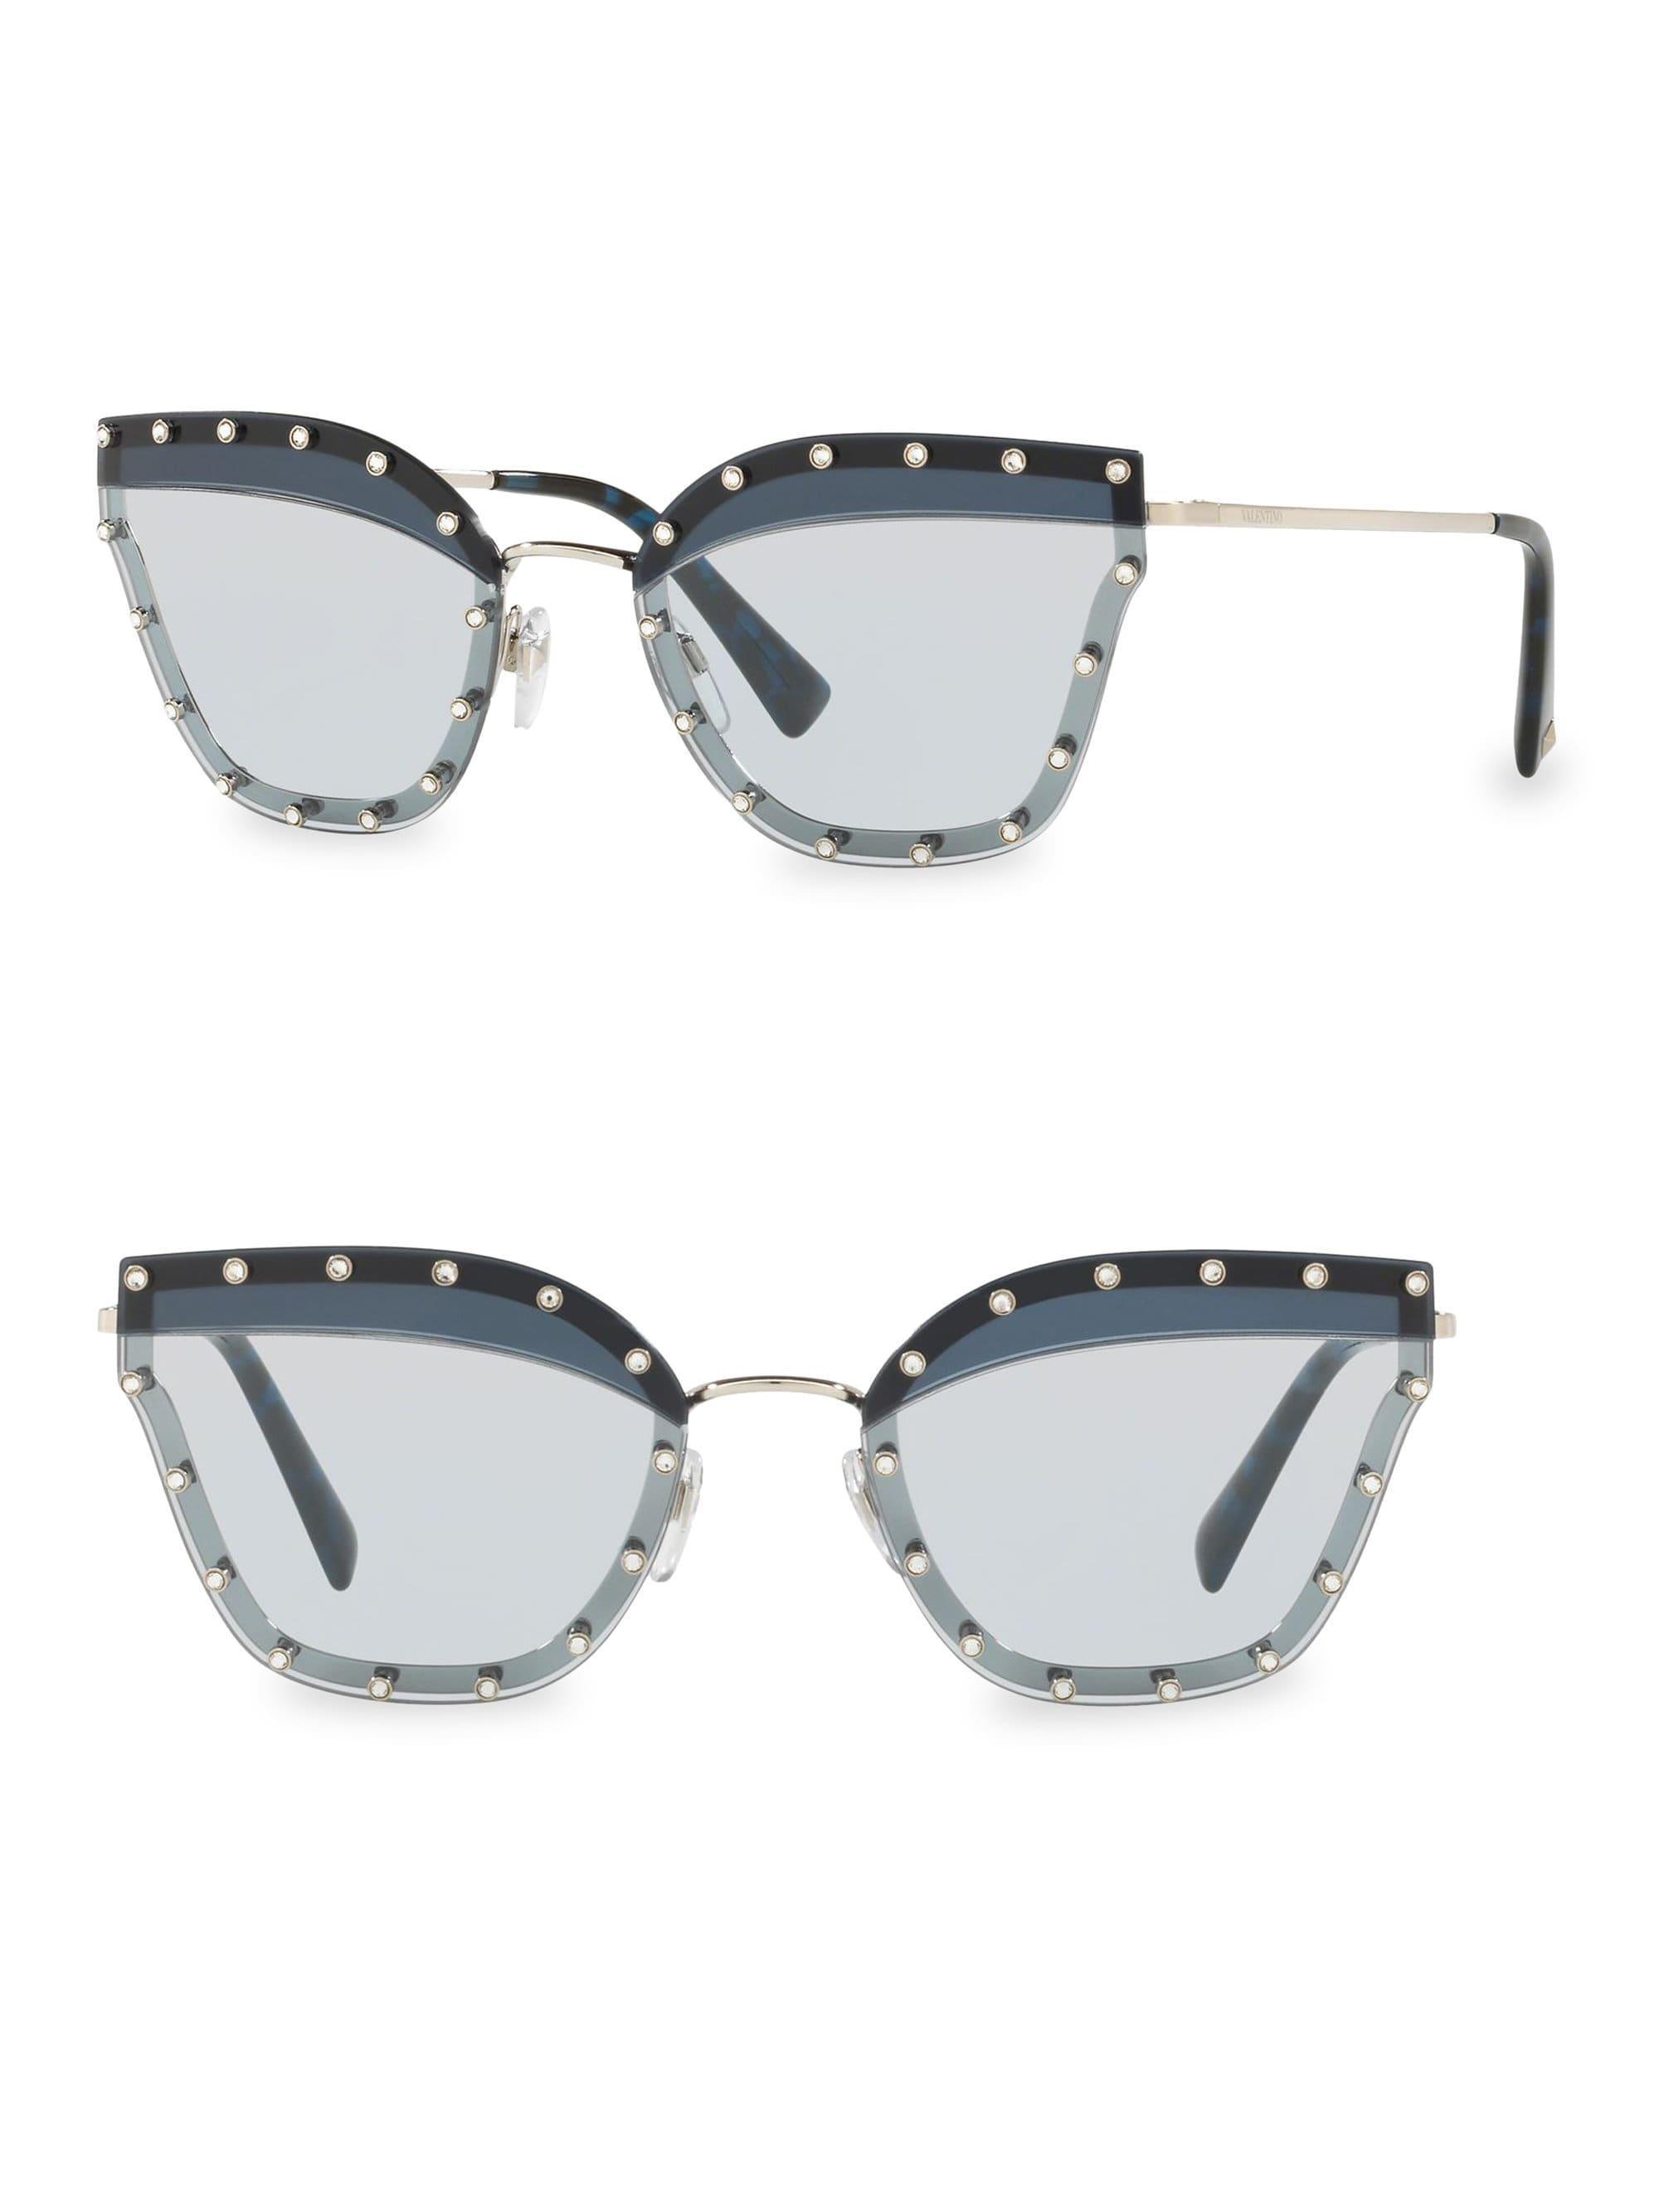 21a3cdf9bb59 Lyst - Valentino Crystal Trim 59mm Cat Eye Sunglasses in Blue